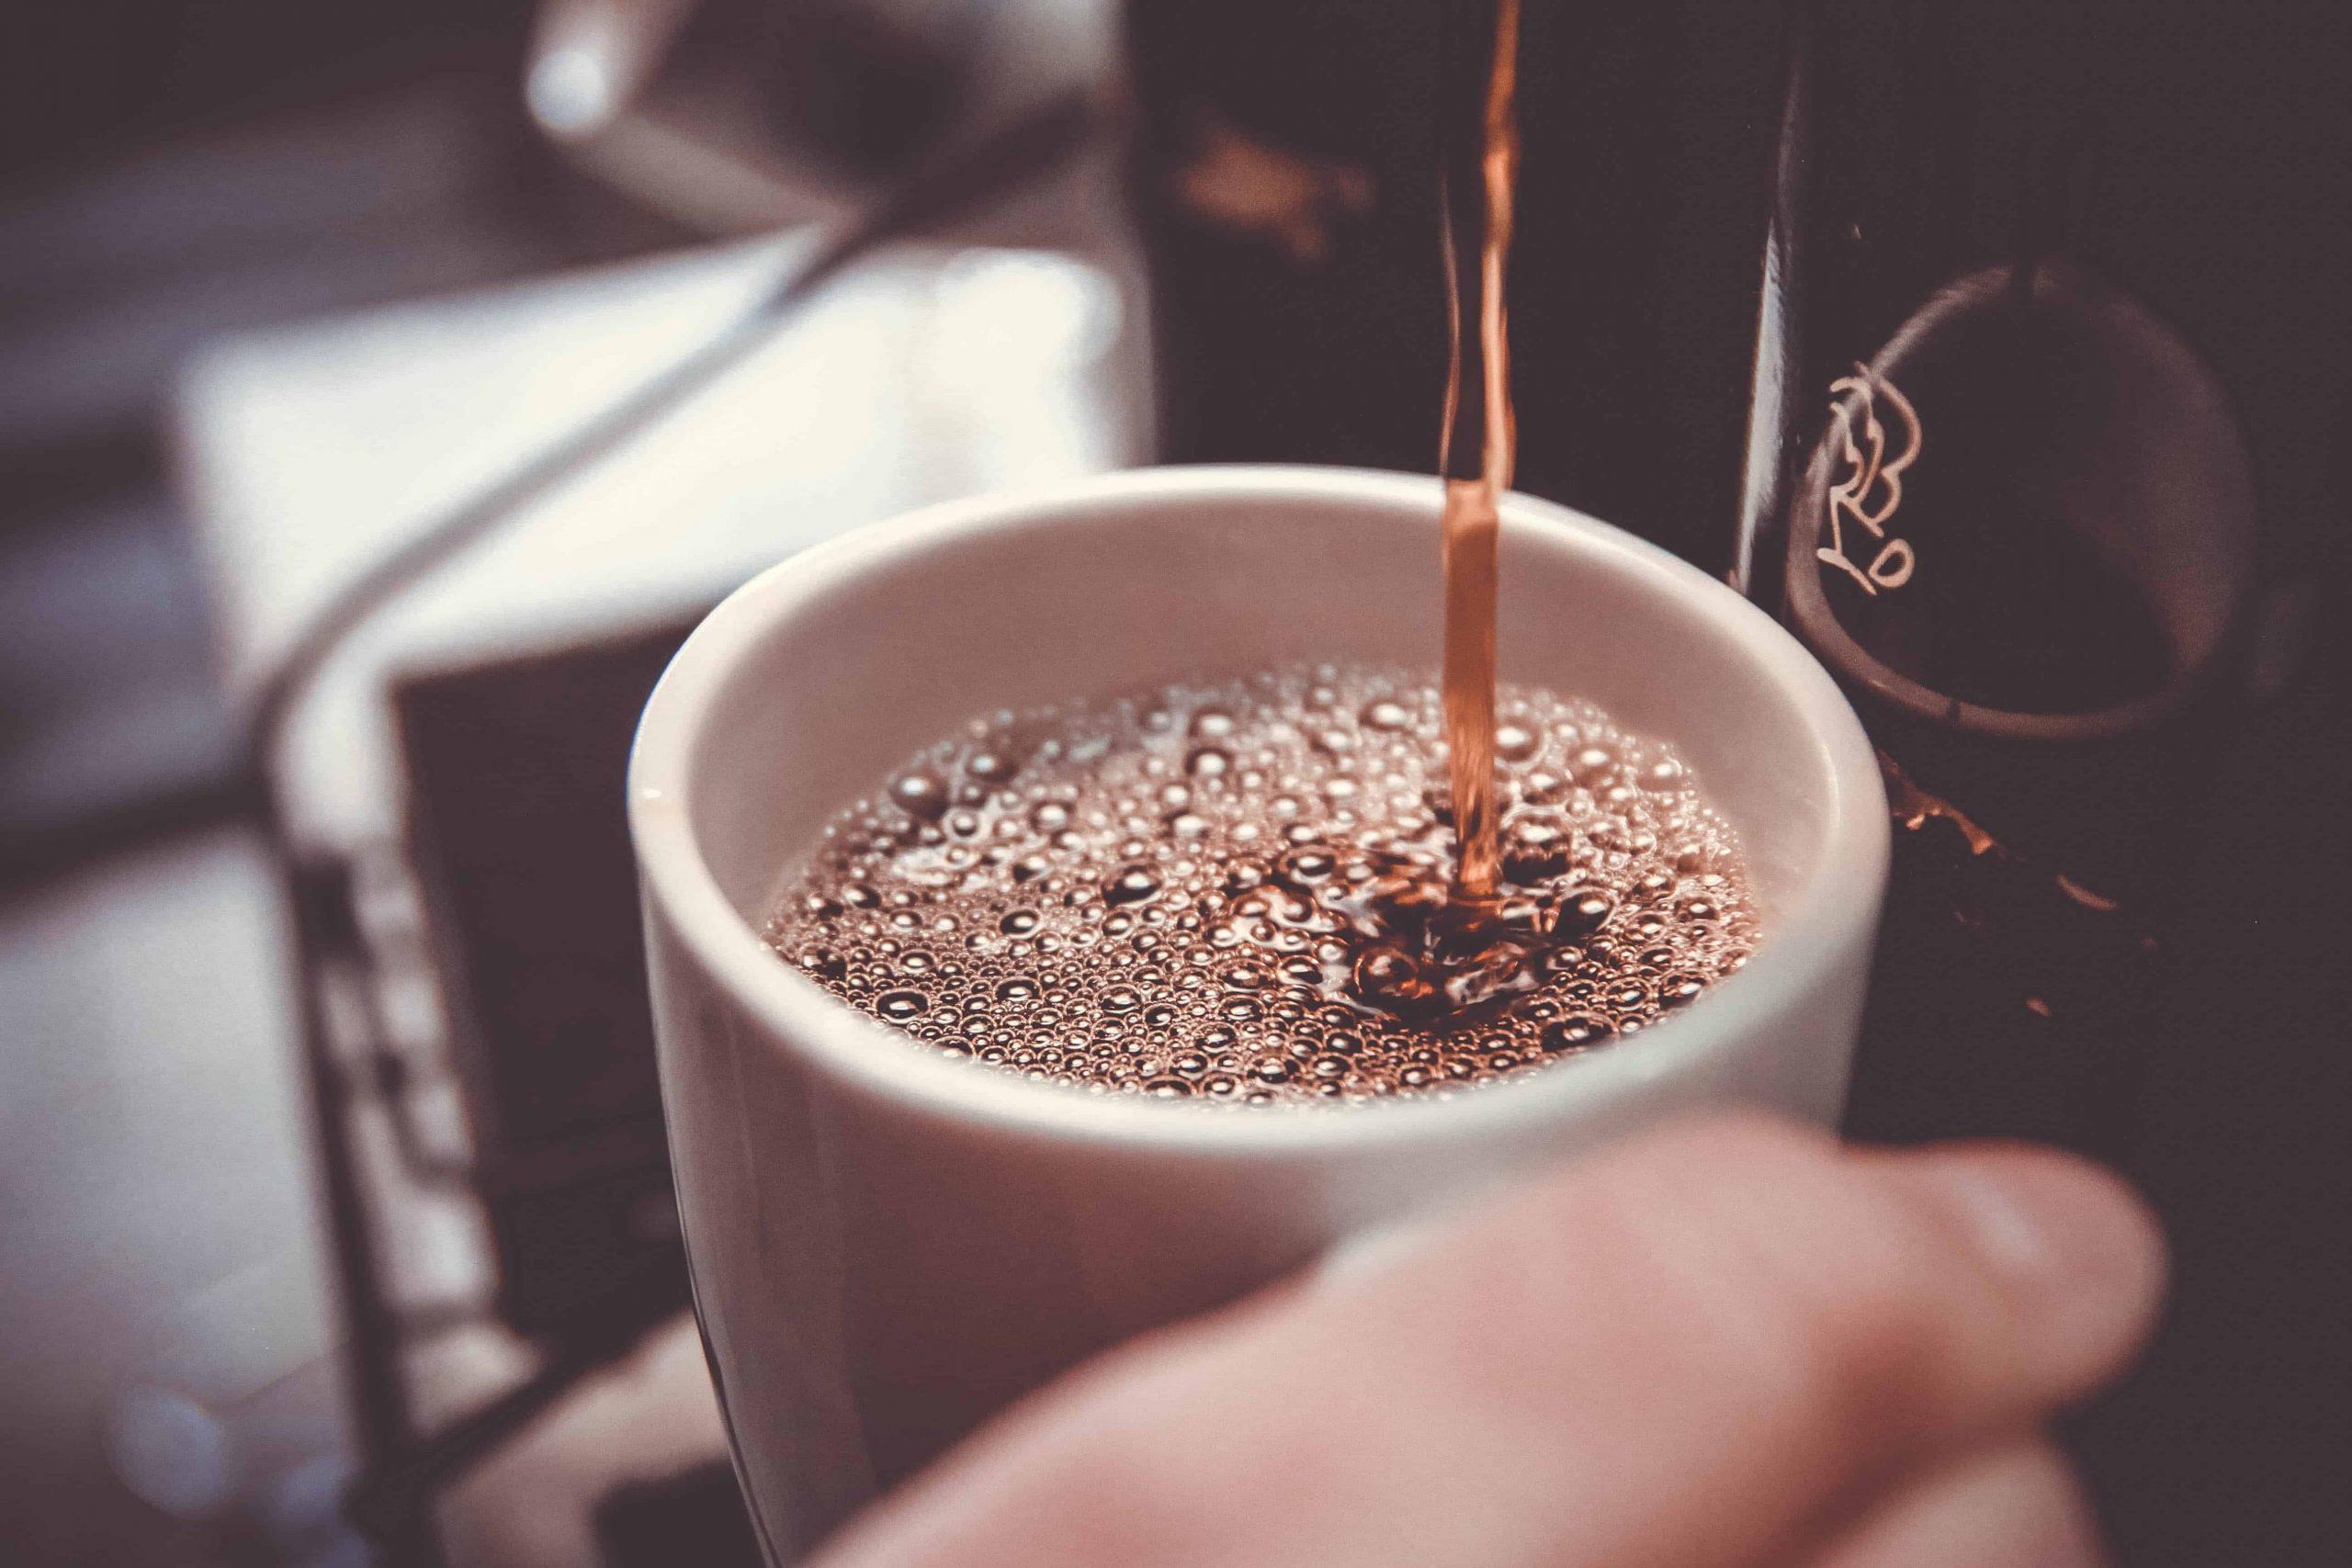 Kaffee fließt in Tasse